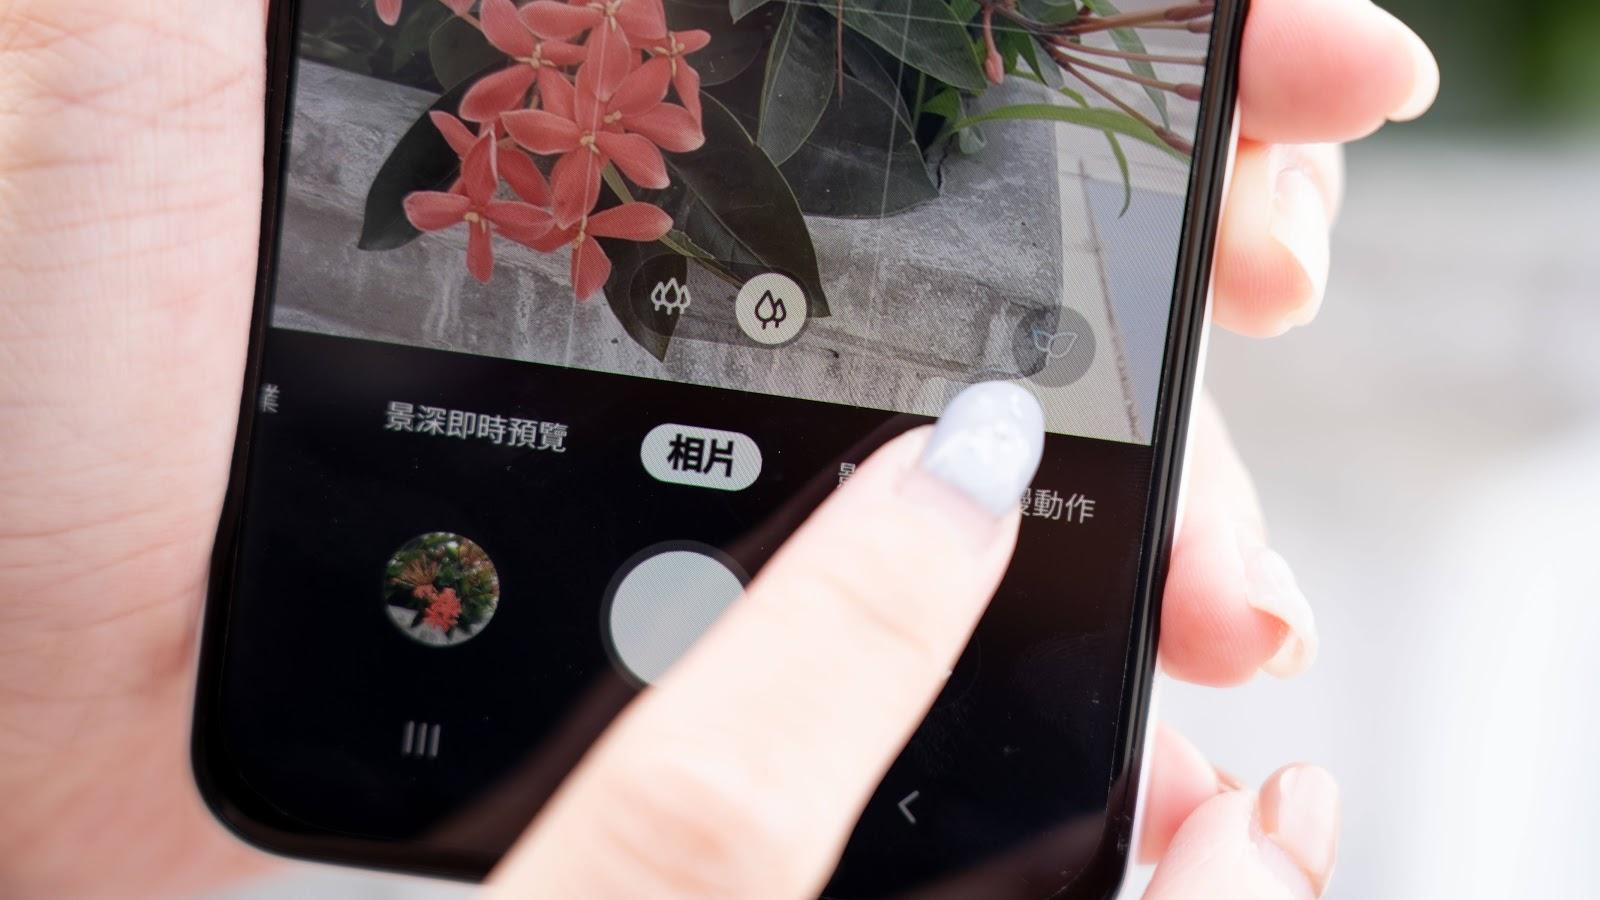 九千以下的手機選什麼?三星 Samsung Galaxy A30s 平價同時擁有旗艦規格! 駁二一日遊~ - 13